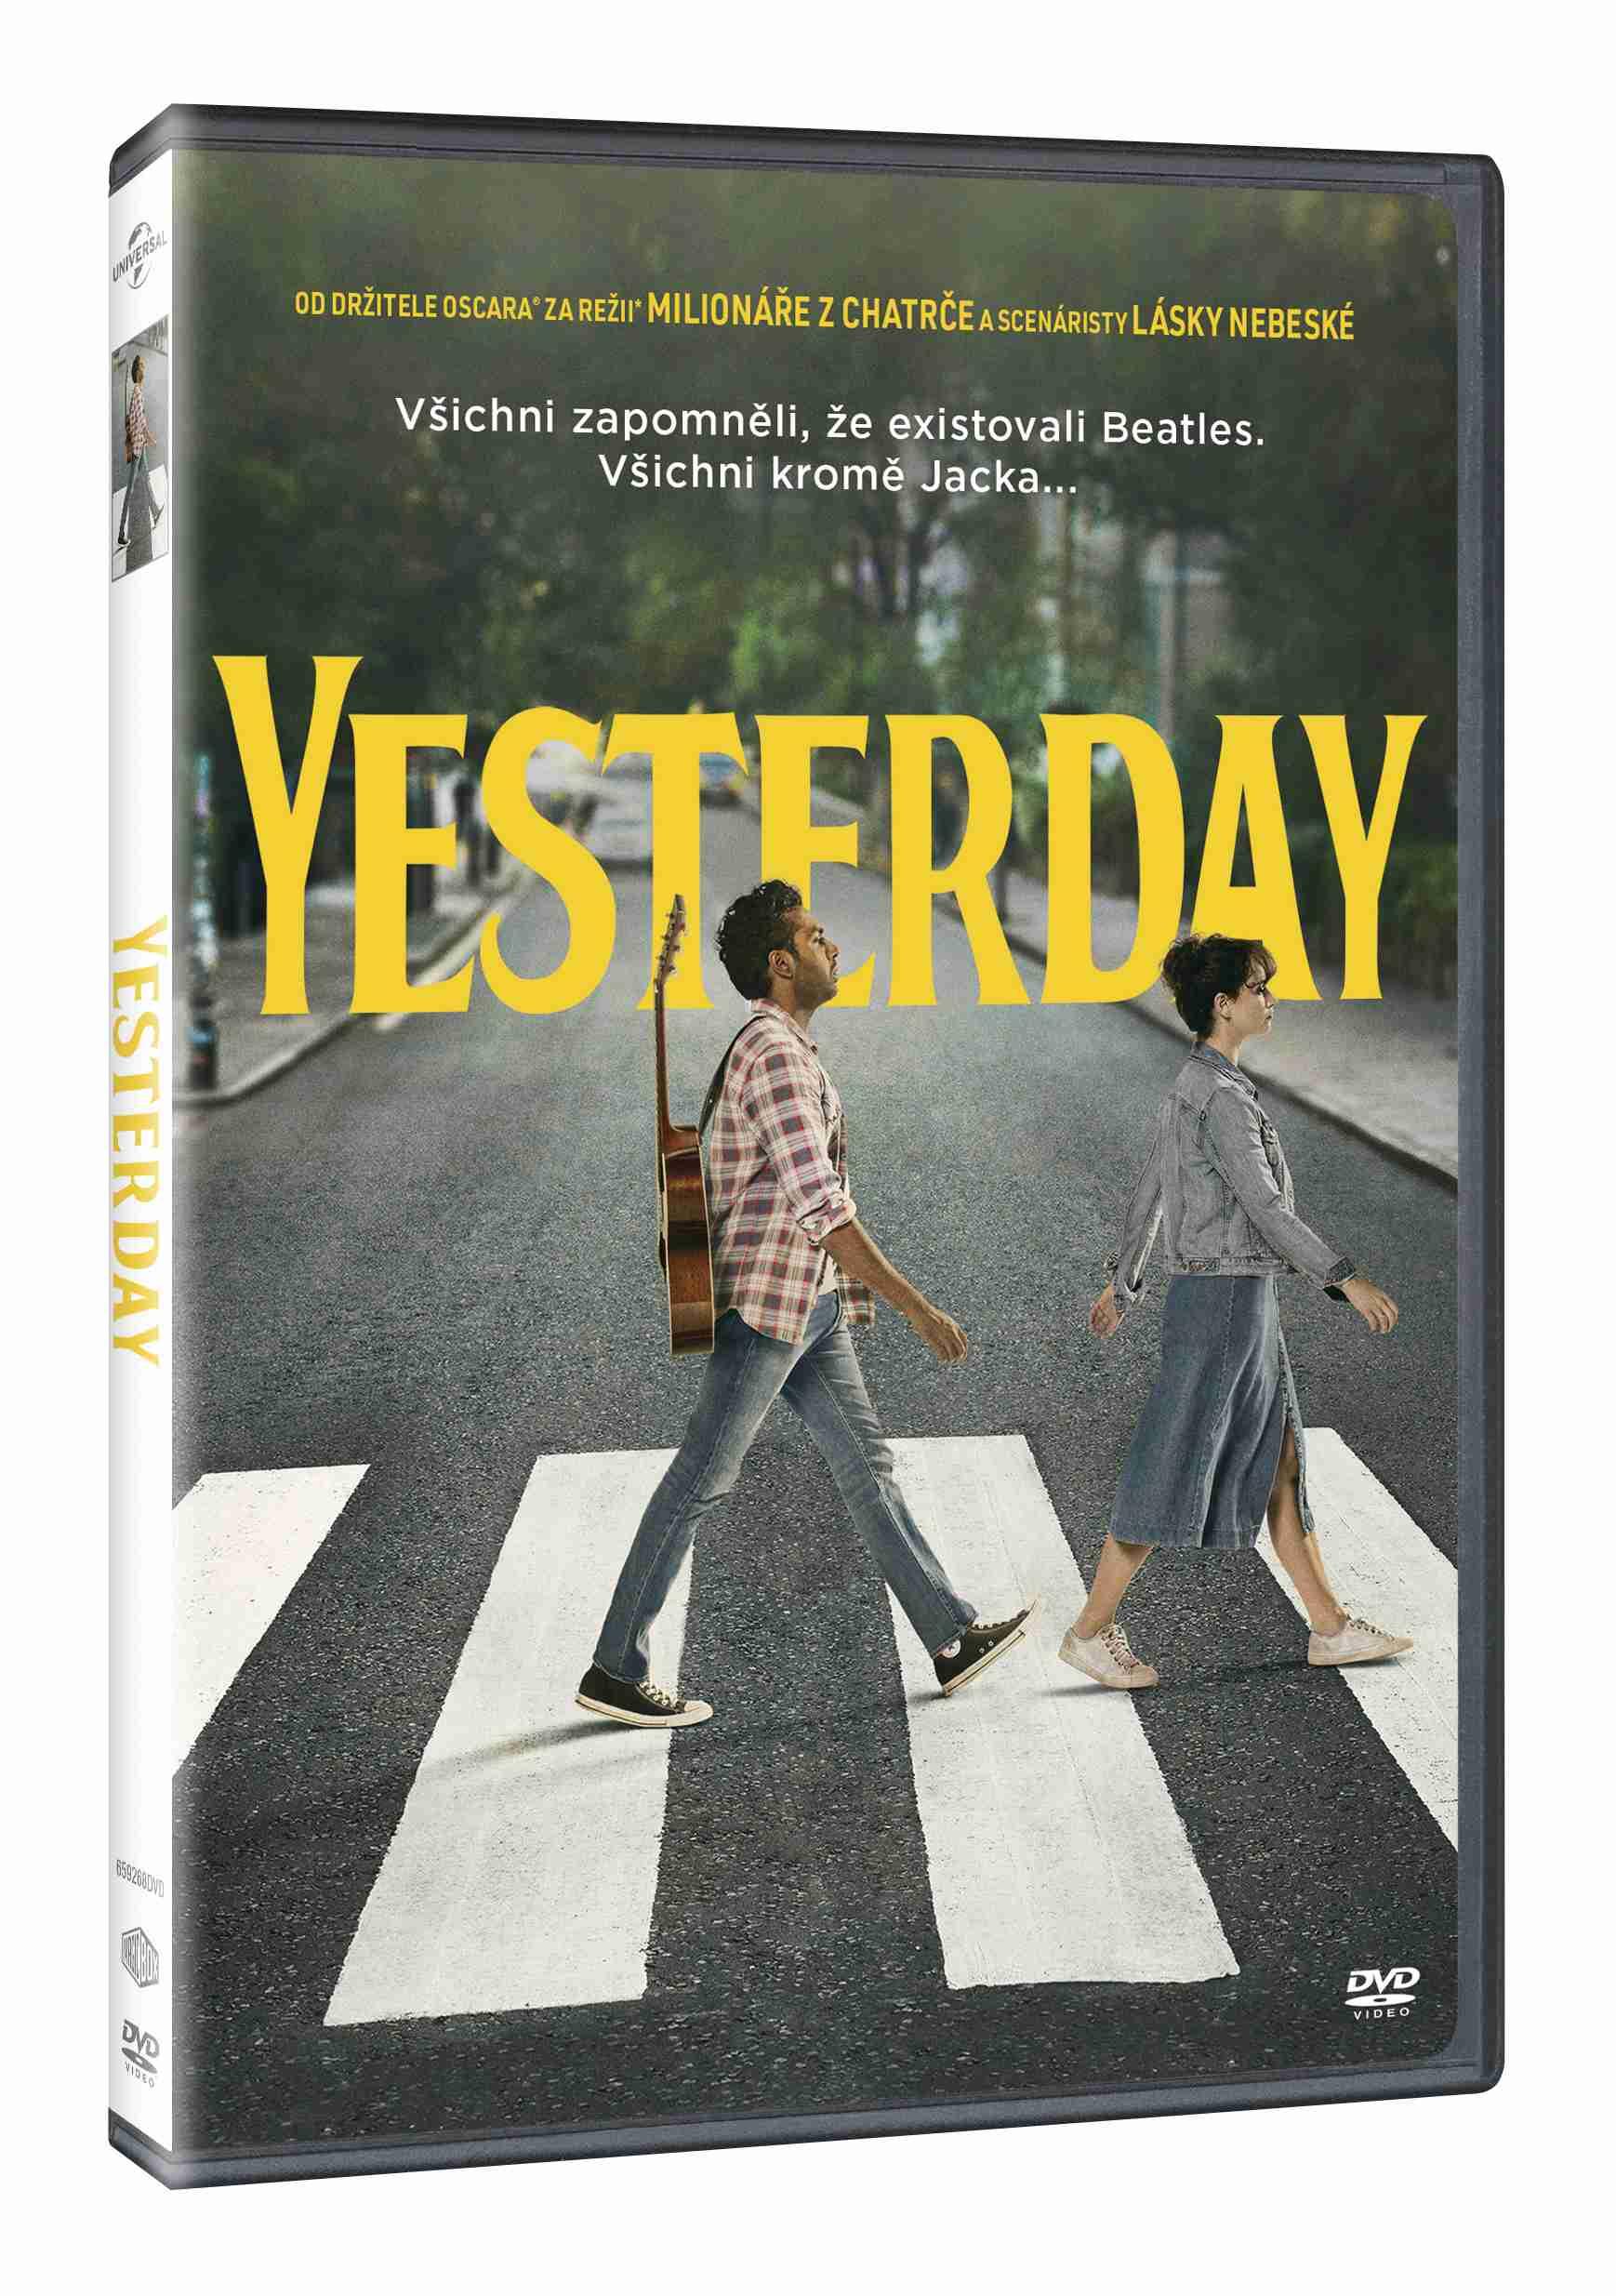 Yesterday - DVD